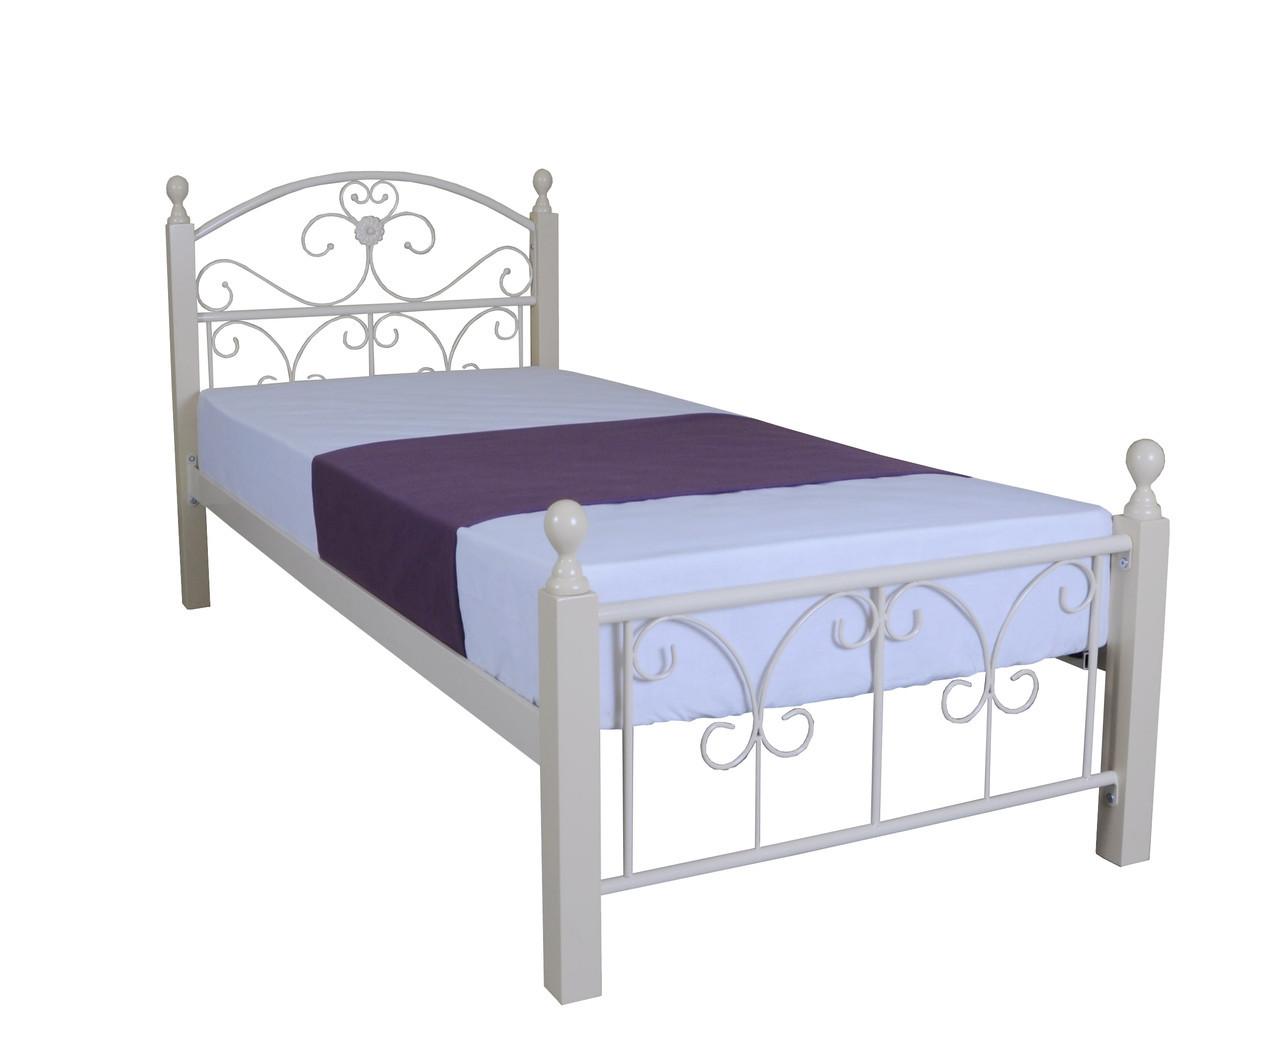 Кровать Патриция Вуд односпальная 200х90, коричневая